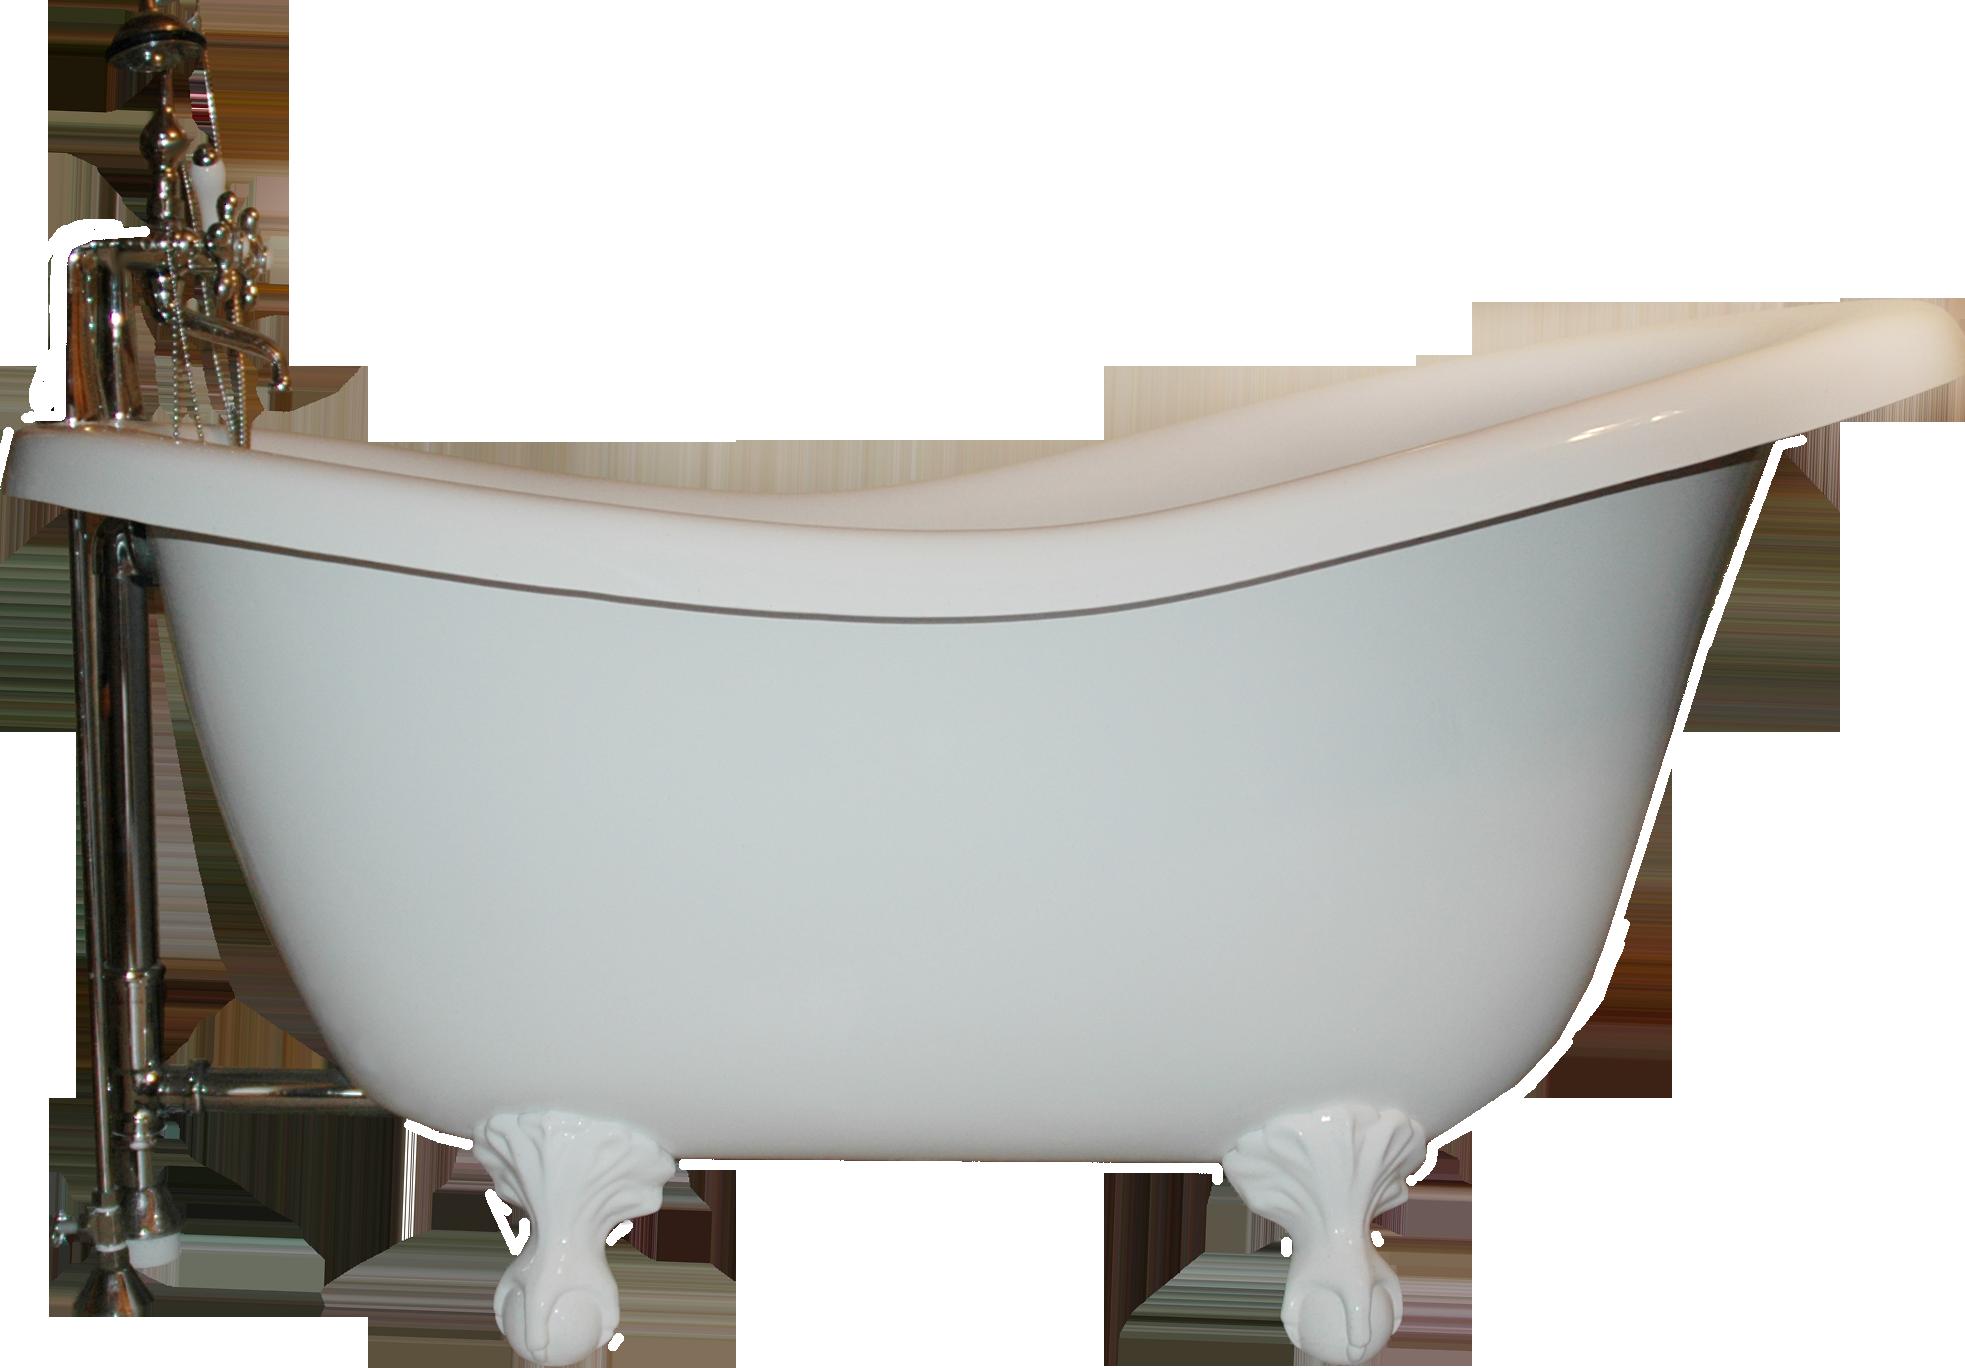 Bathtub Png Old Vintage image #44768